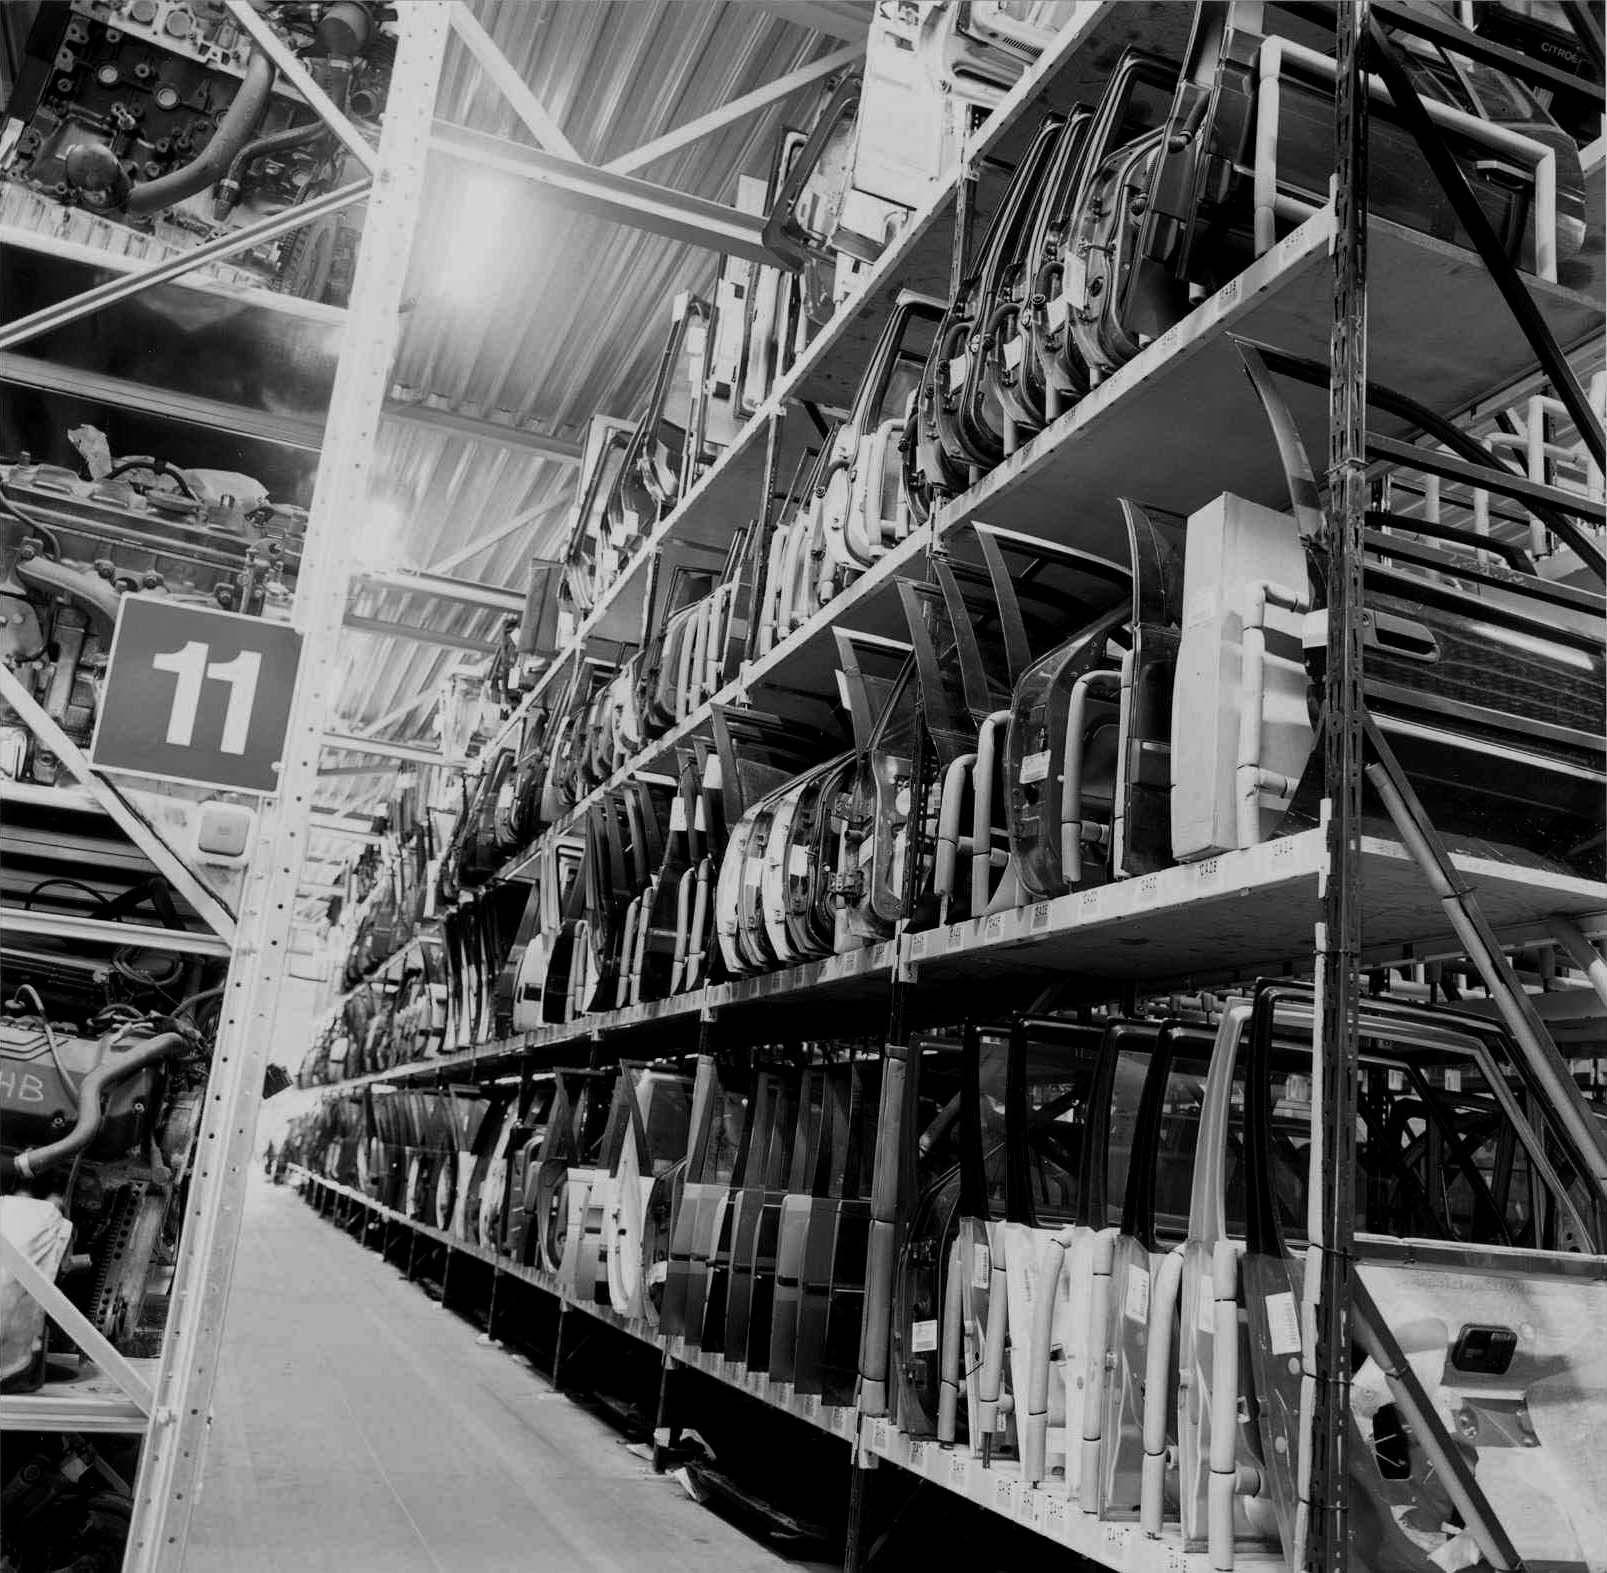 Citroen autosloperij met gebruikte onderdelen in modern magazijn.jpg (1607×1573)